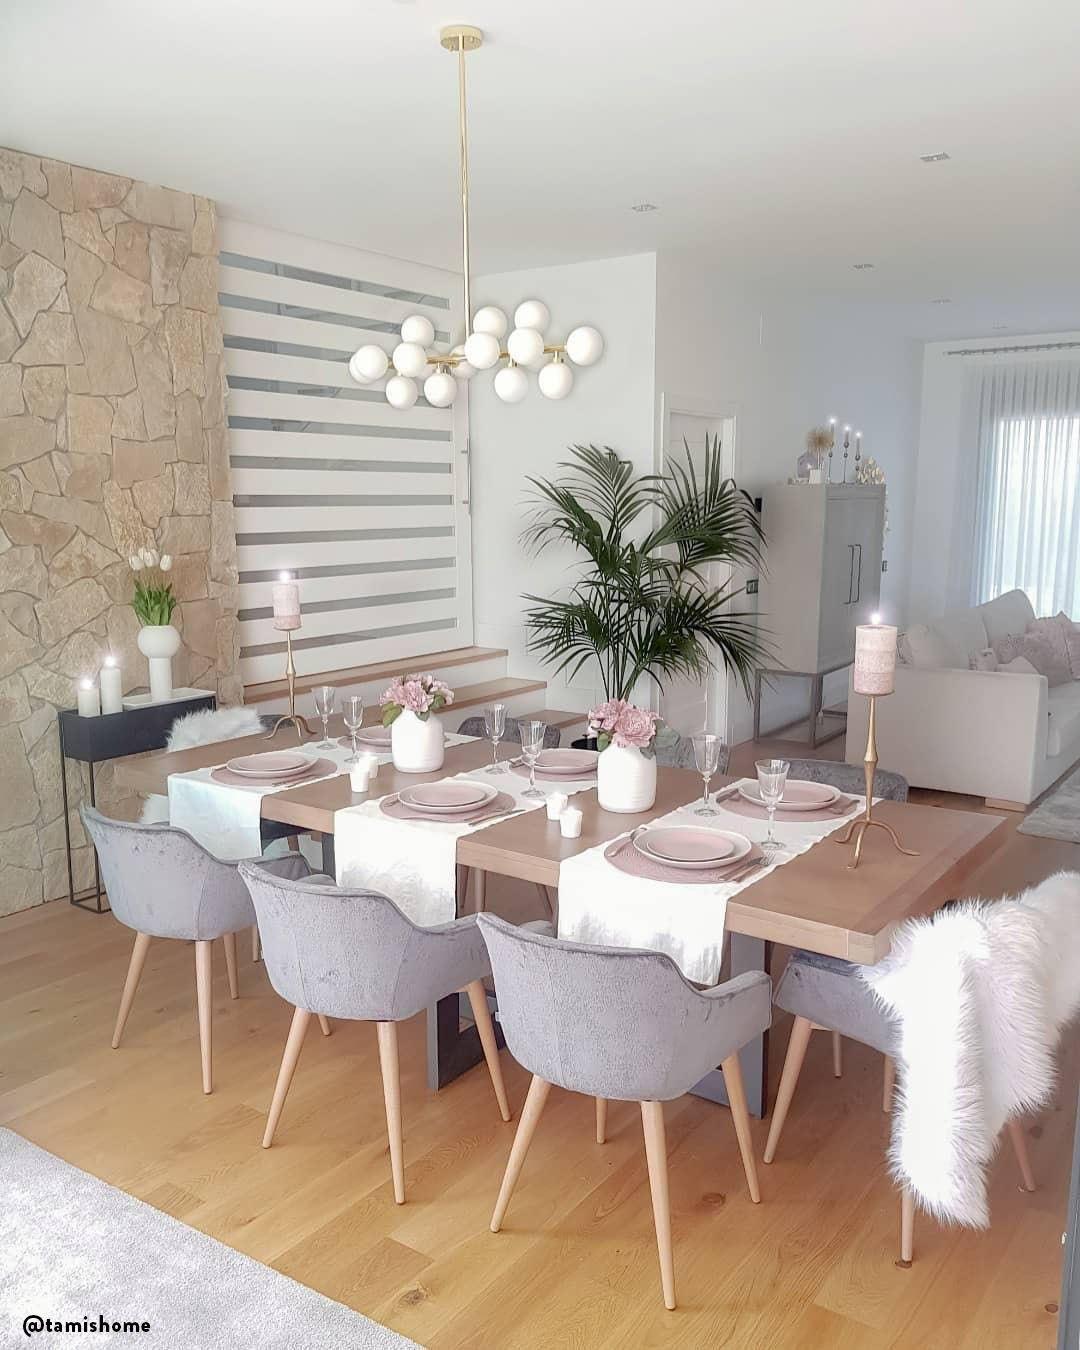 110 Küche Ideen In 2021 Haus Küchen Küche Küchendesign